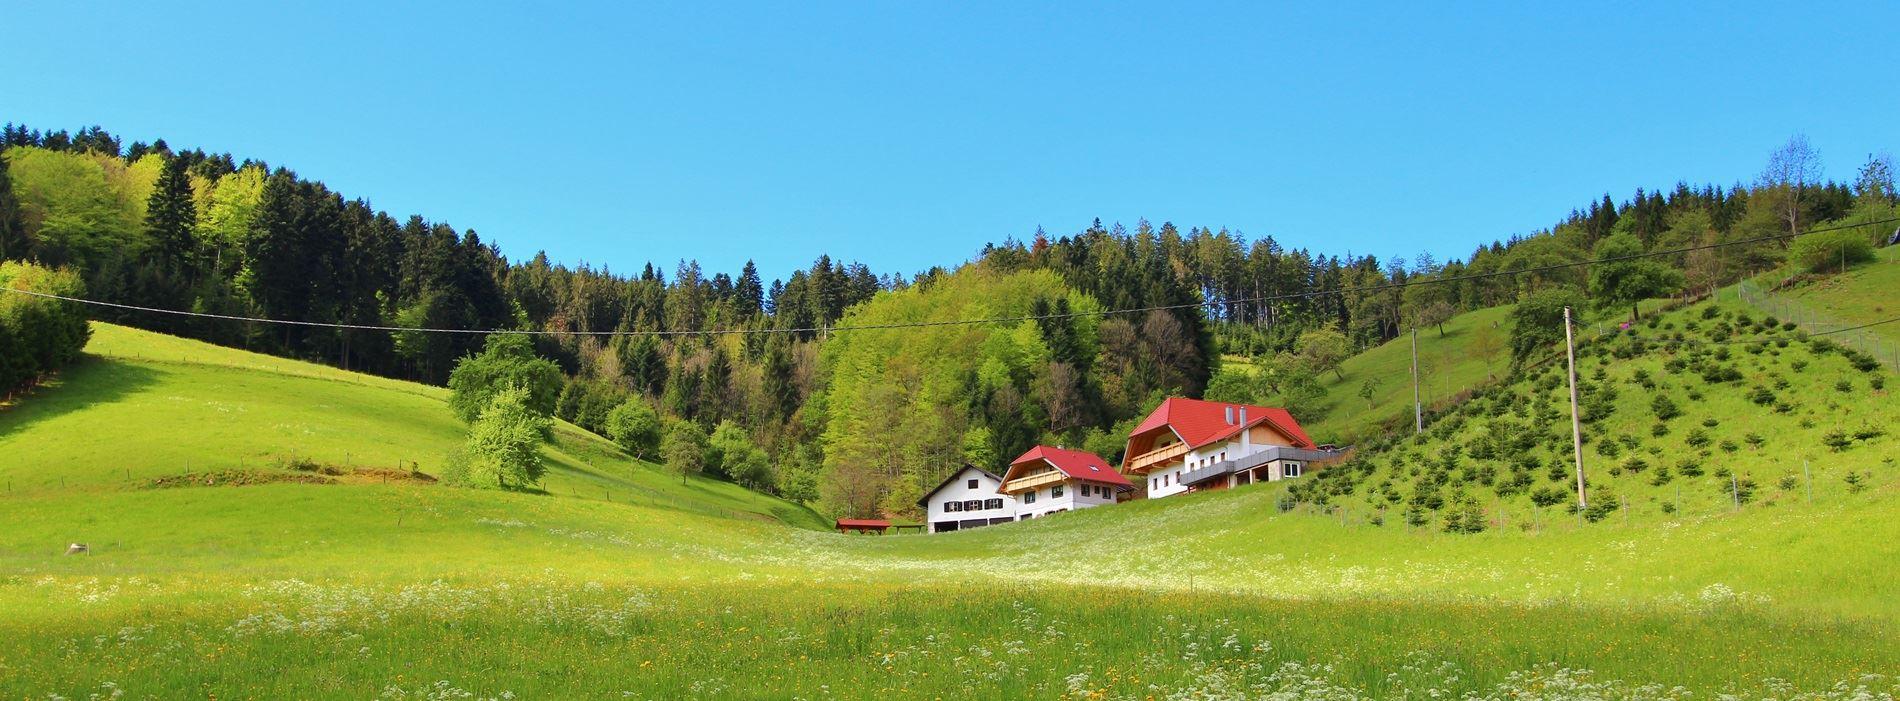 Stinneshof Ferienwohnung Zuwald Oberharmersbach